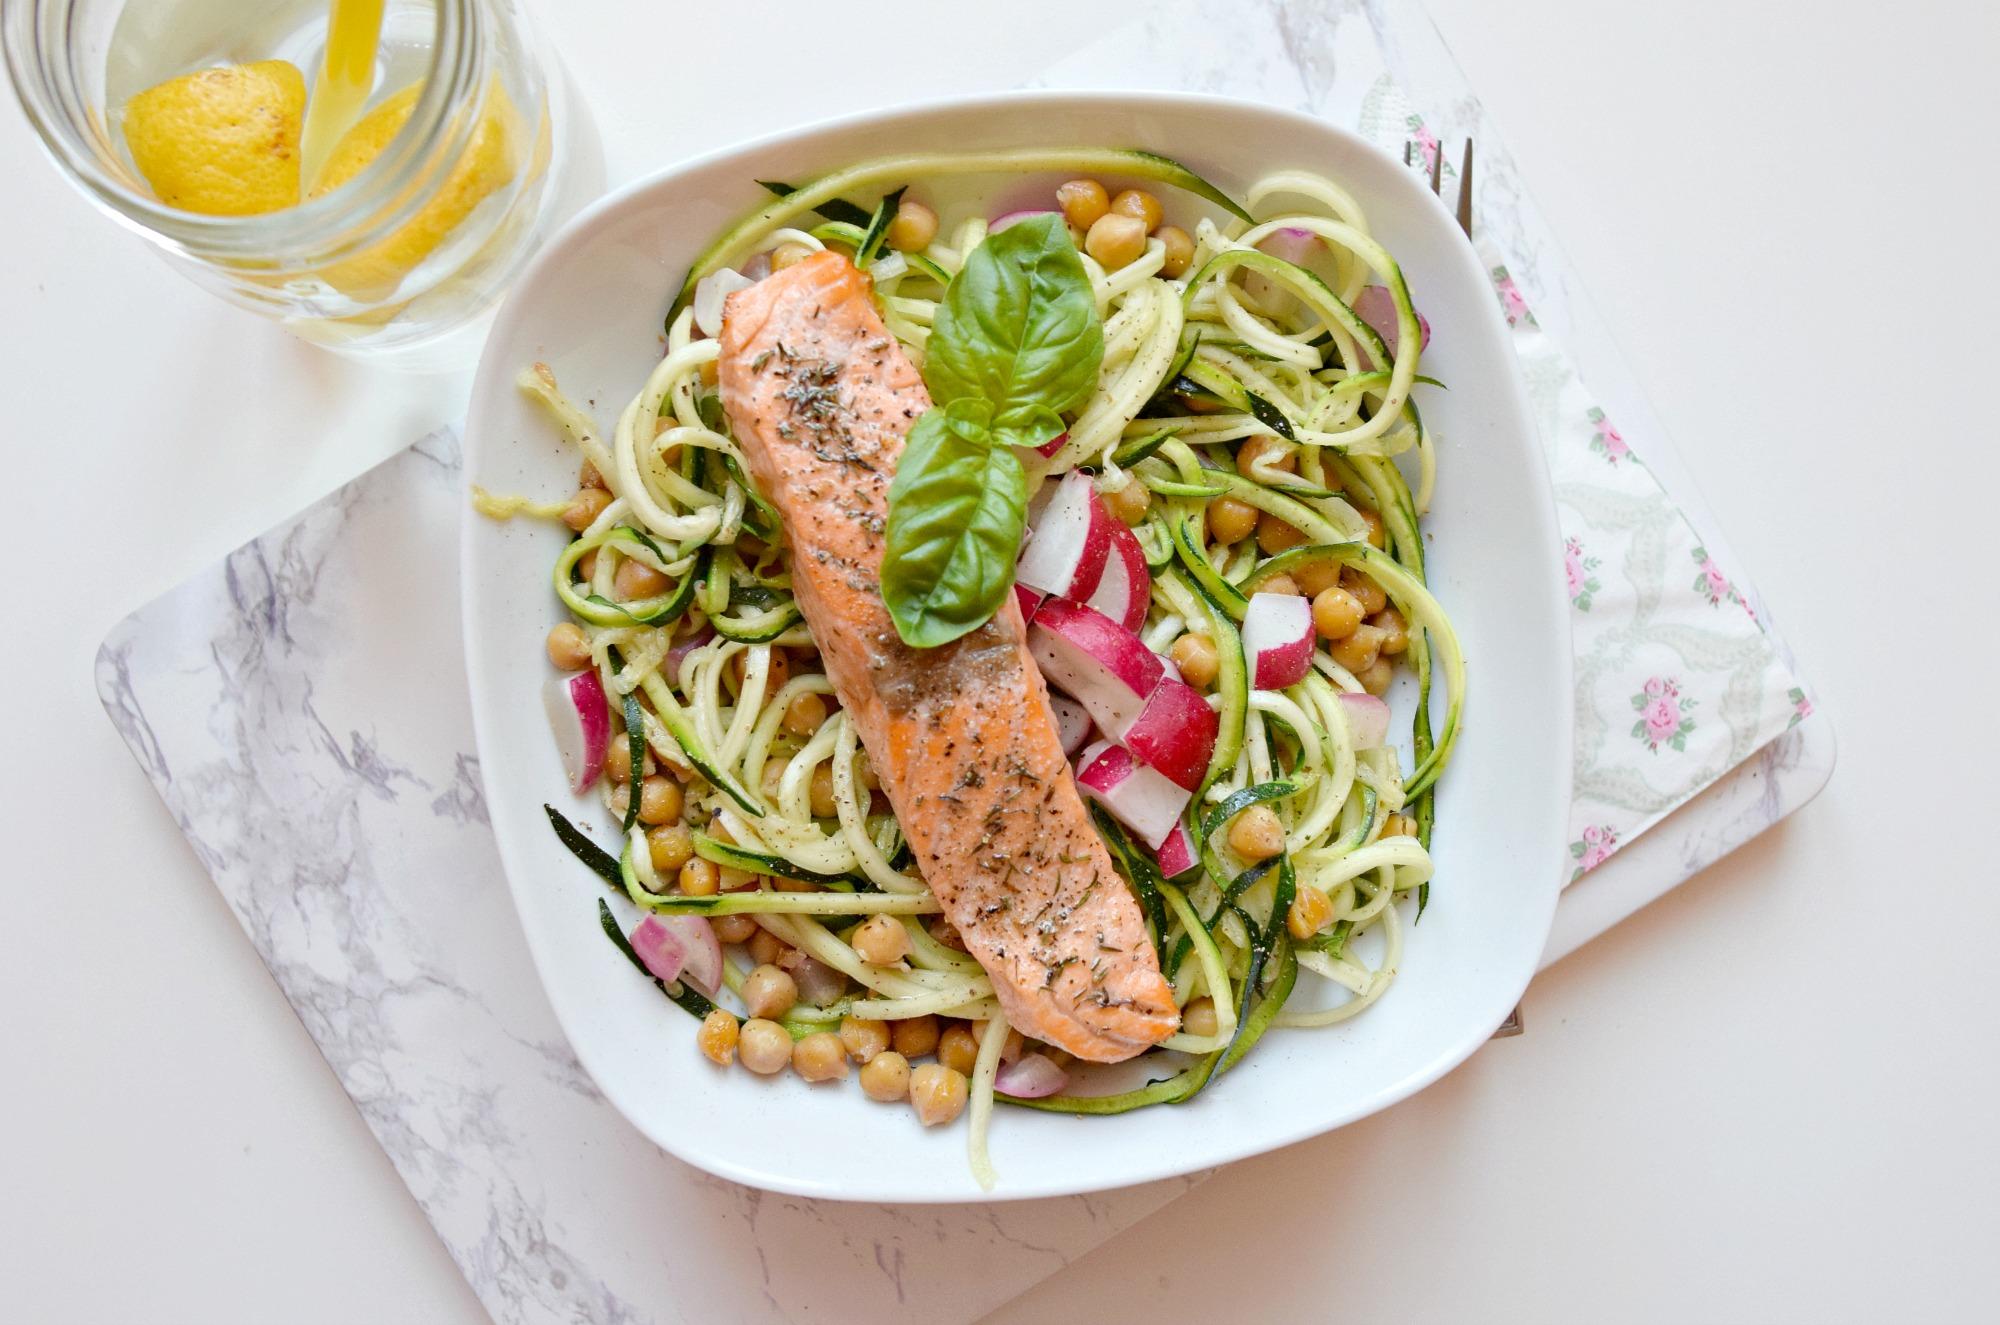 Fitnessblog-zucchini-pasta-nudeln-zoodles-lachs-gesund-kochen-essen-klara-fuchs3